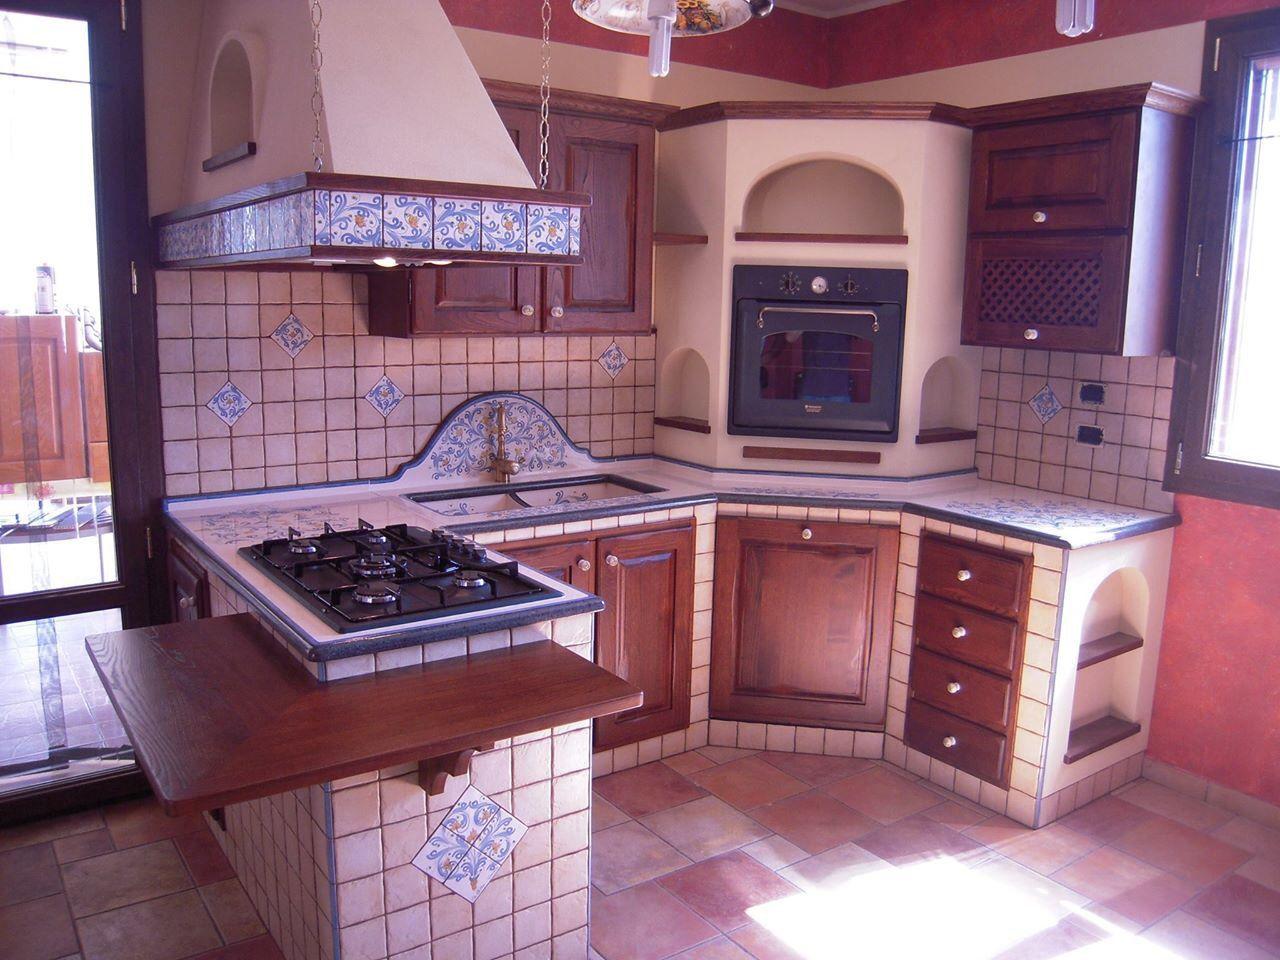 Caltagirone Cucina In Muratura Design Rustico Da Cucina Cucine